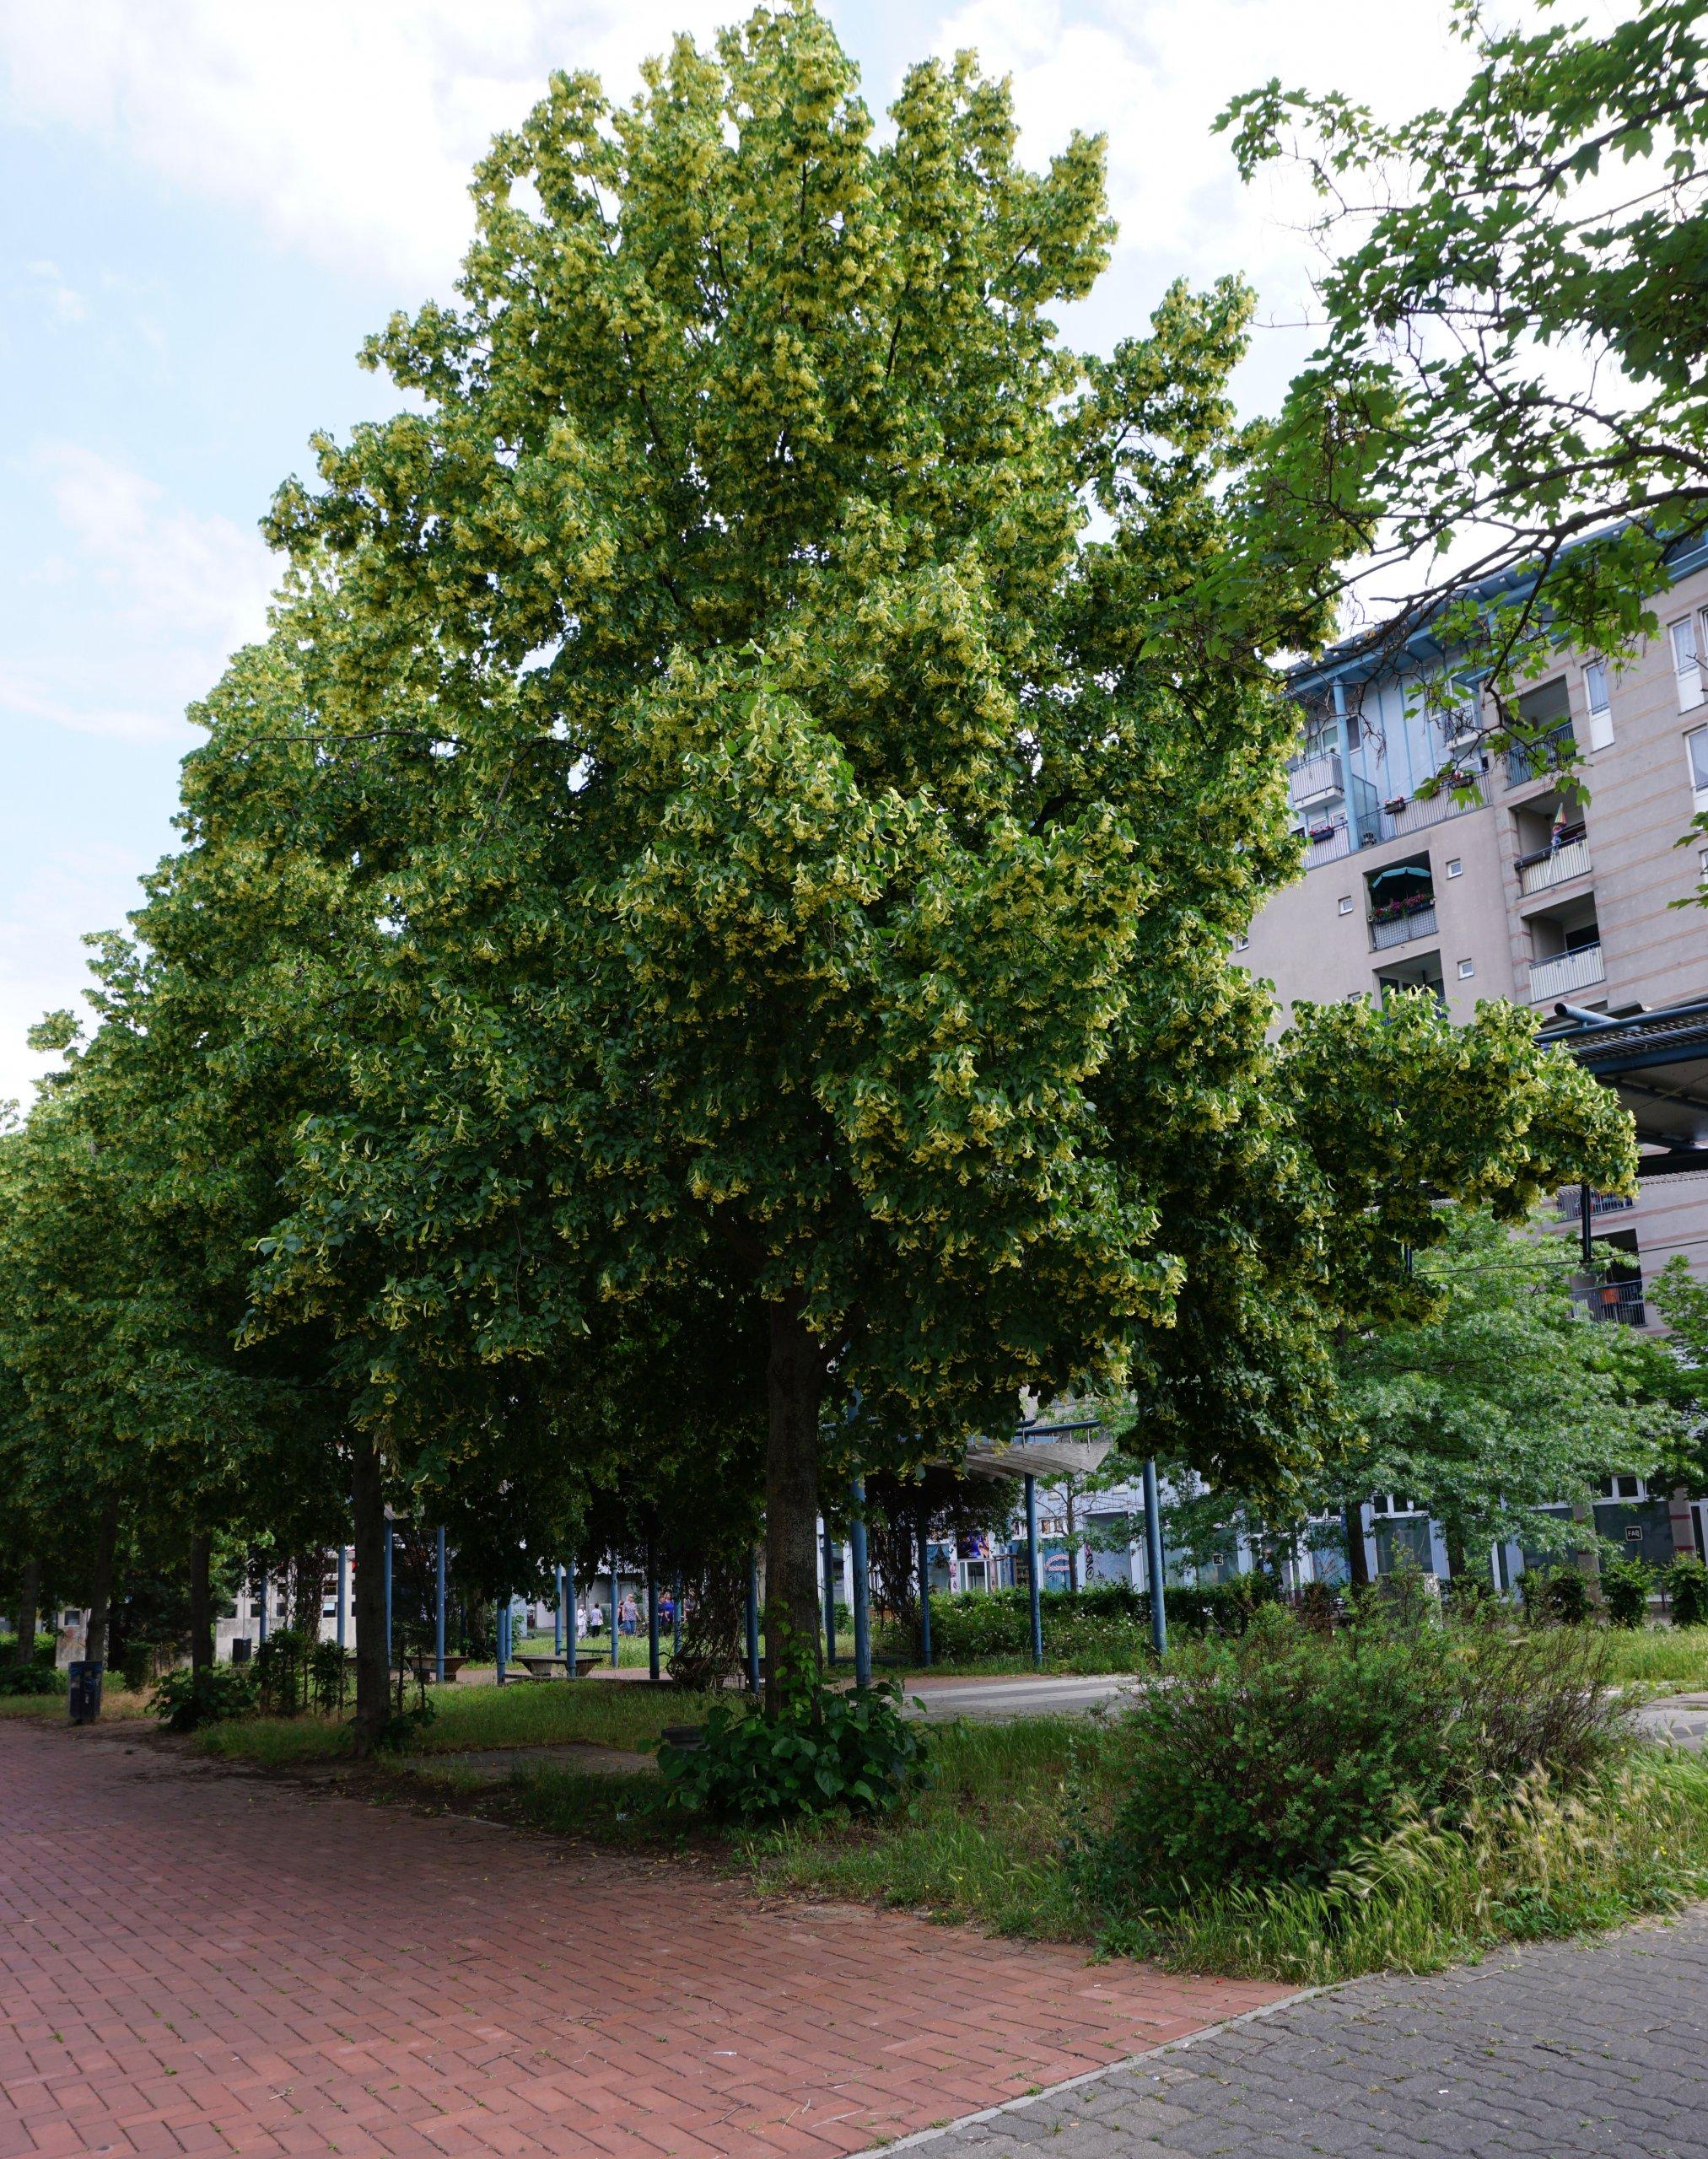 Das Bild zeigt in Reihe stehende Lindenbepflanzung in der zentralen Ladenpassage im Kosmosviertel als Teil der Bepflanzung des Grünzuges.